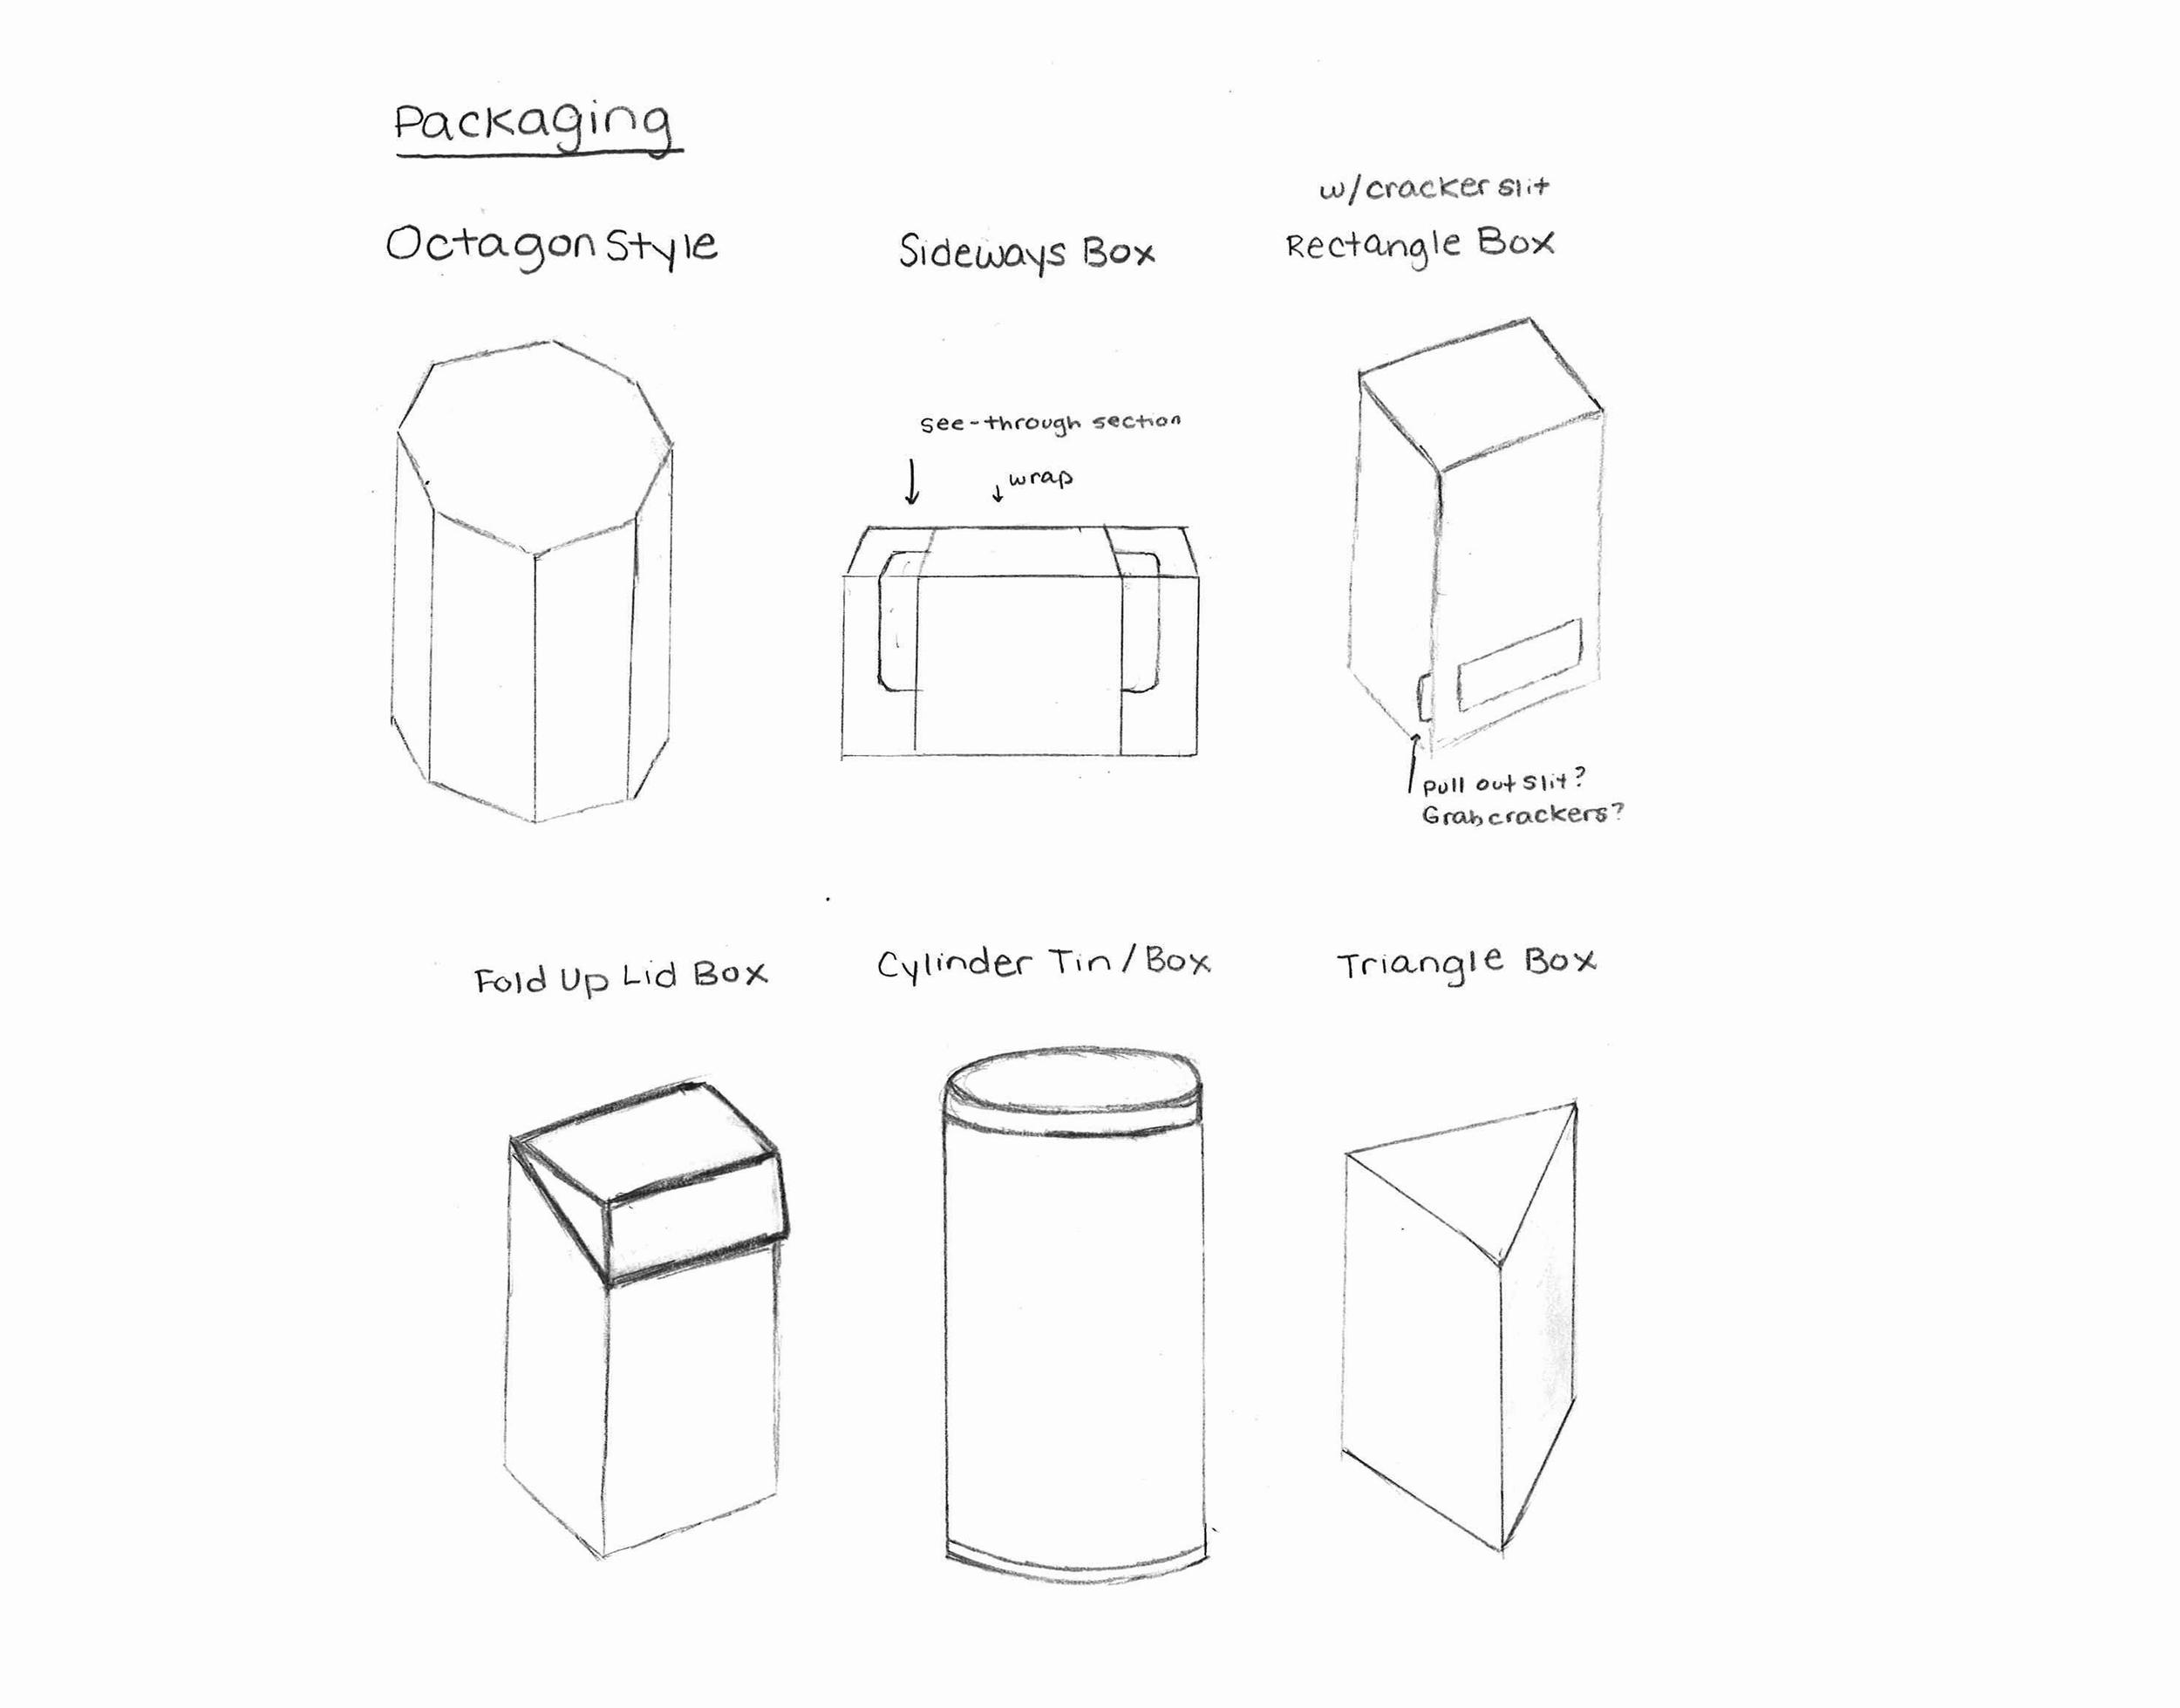 Packaging_Sketch.jpg